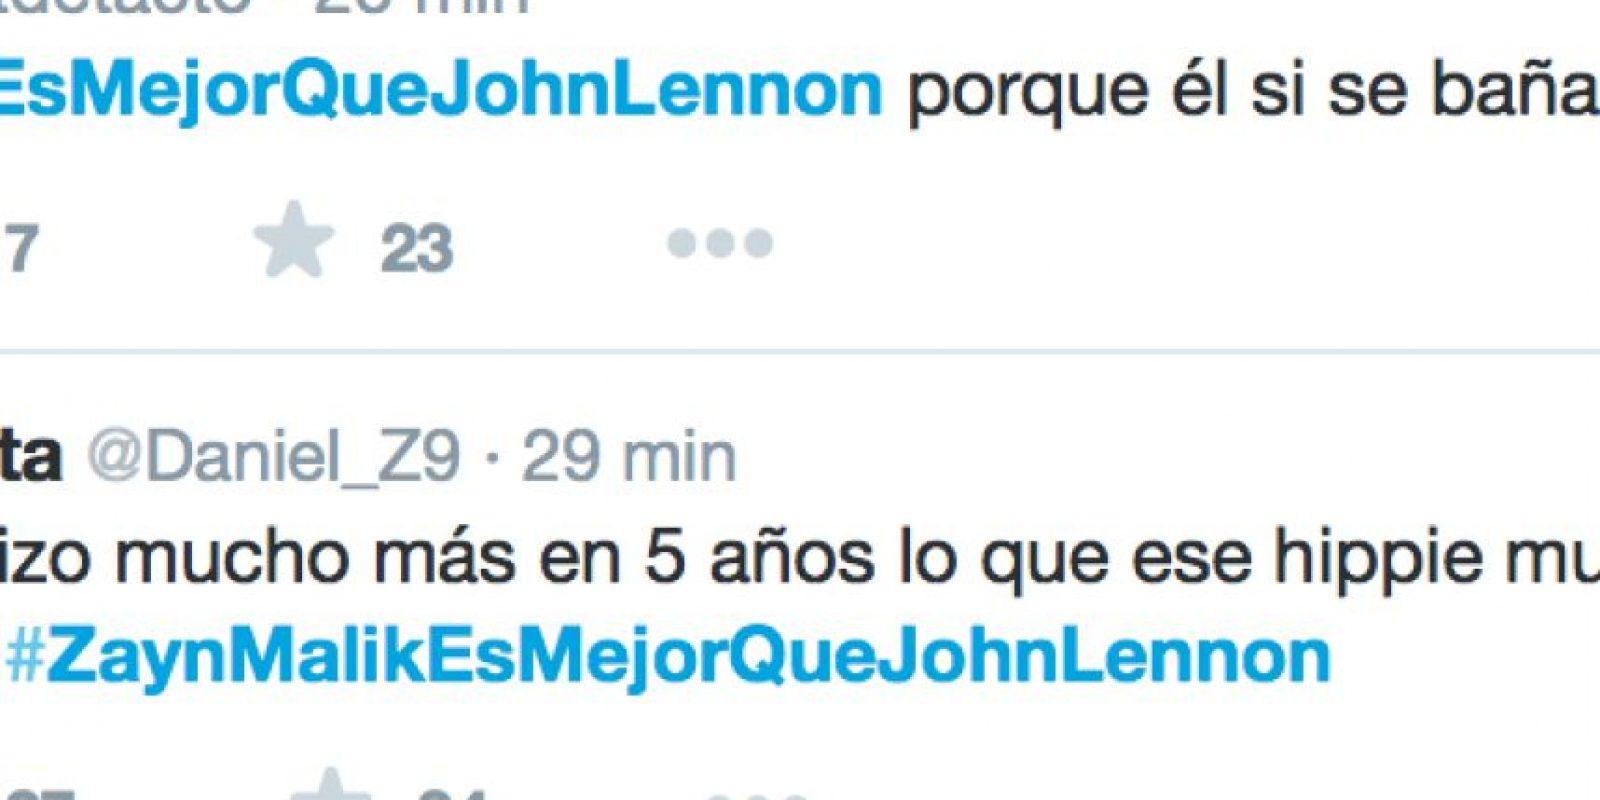 En Twitter algunos se toman en serio eso de que Zayn Malik es mejor que el legendario John Lennon por razones tan absurdas como su pelo, su asesinato o el tamaño de las nalgas de su mujer, Yoko Ono. Otros si reaccionan con furia. Otros creen que es una broma. Foto:Twitter